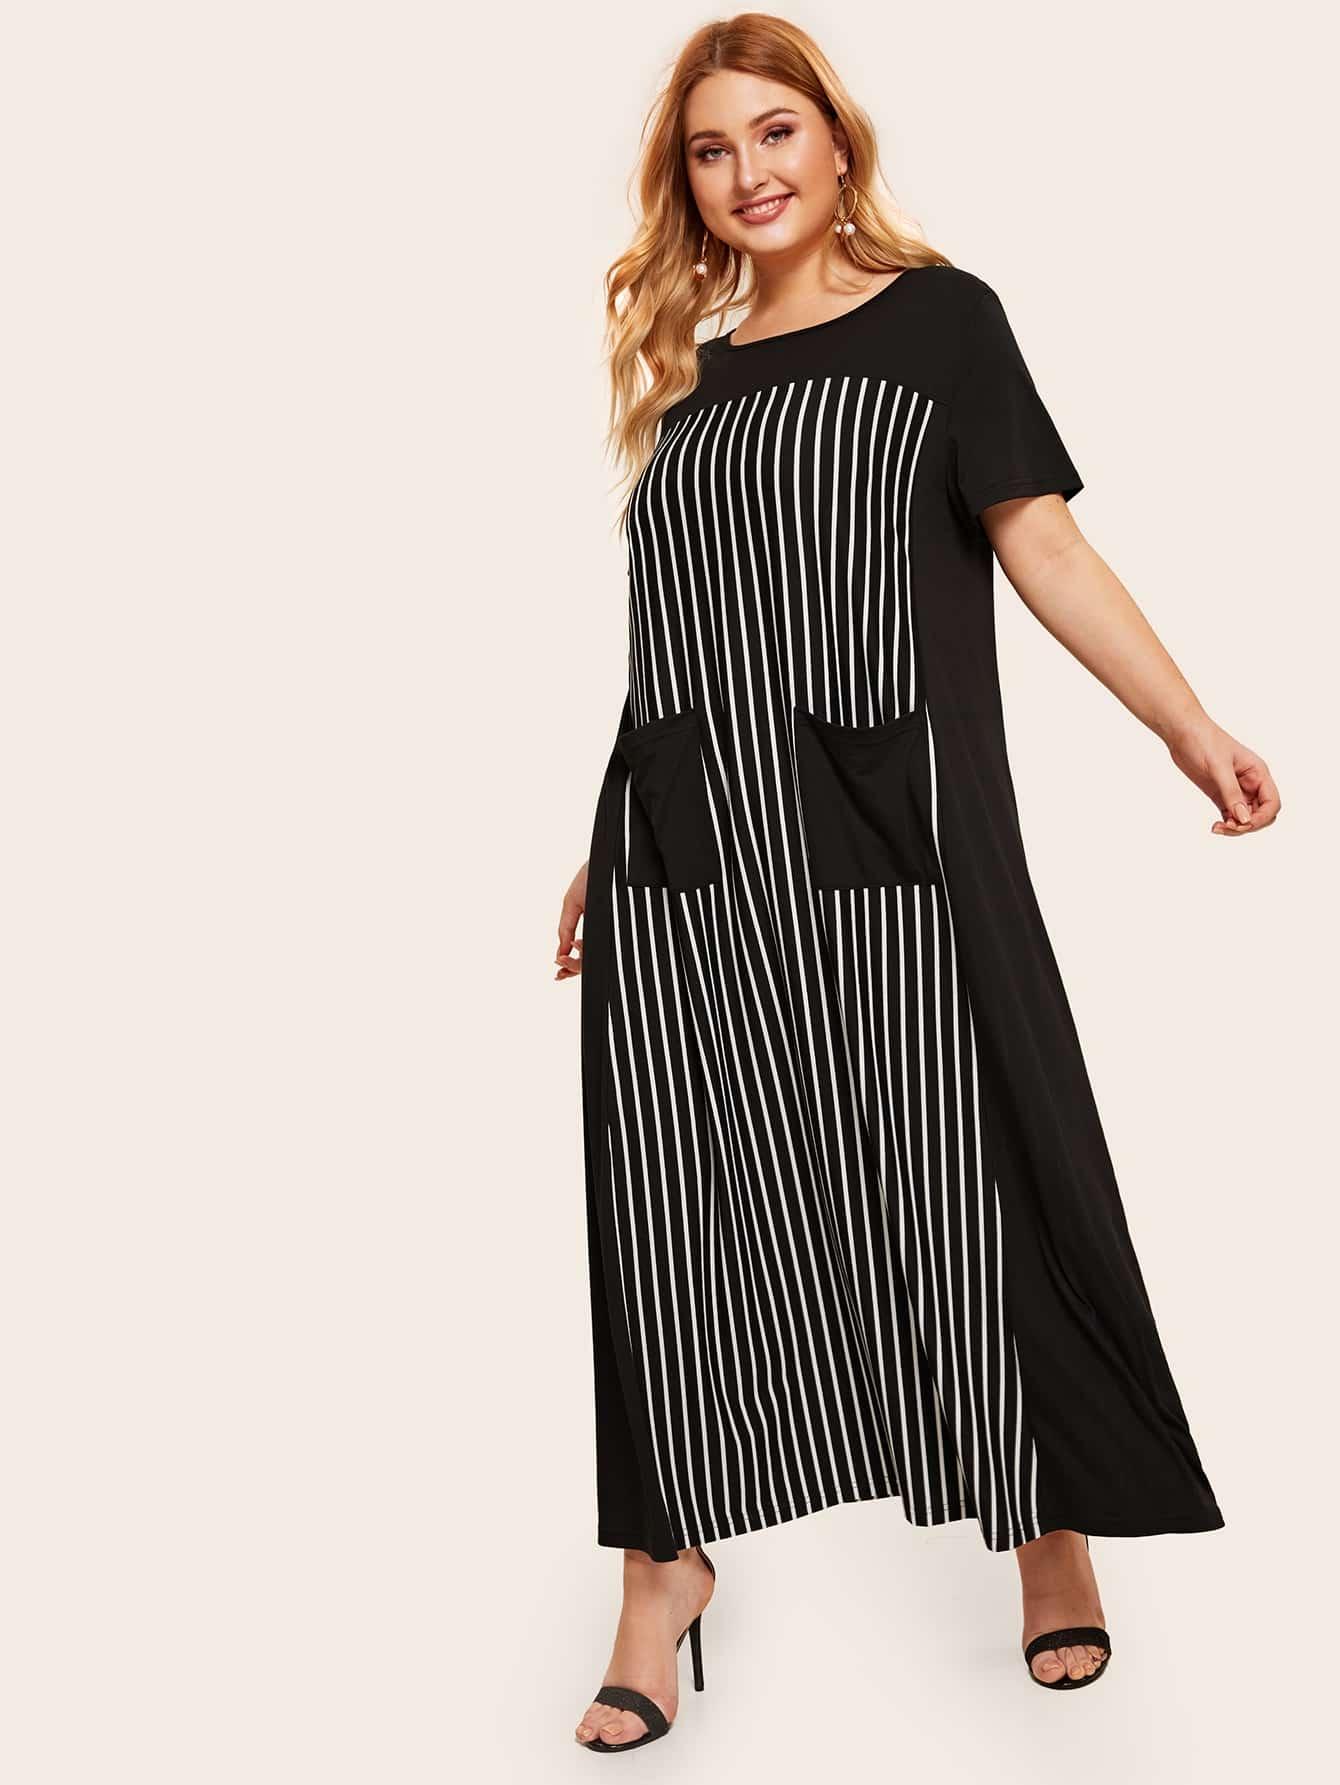 Фото - Полосатое платье размера плюс с карманом от SheIn цвет чёрные